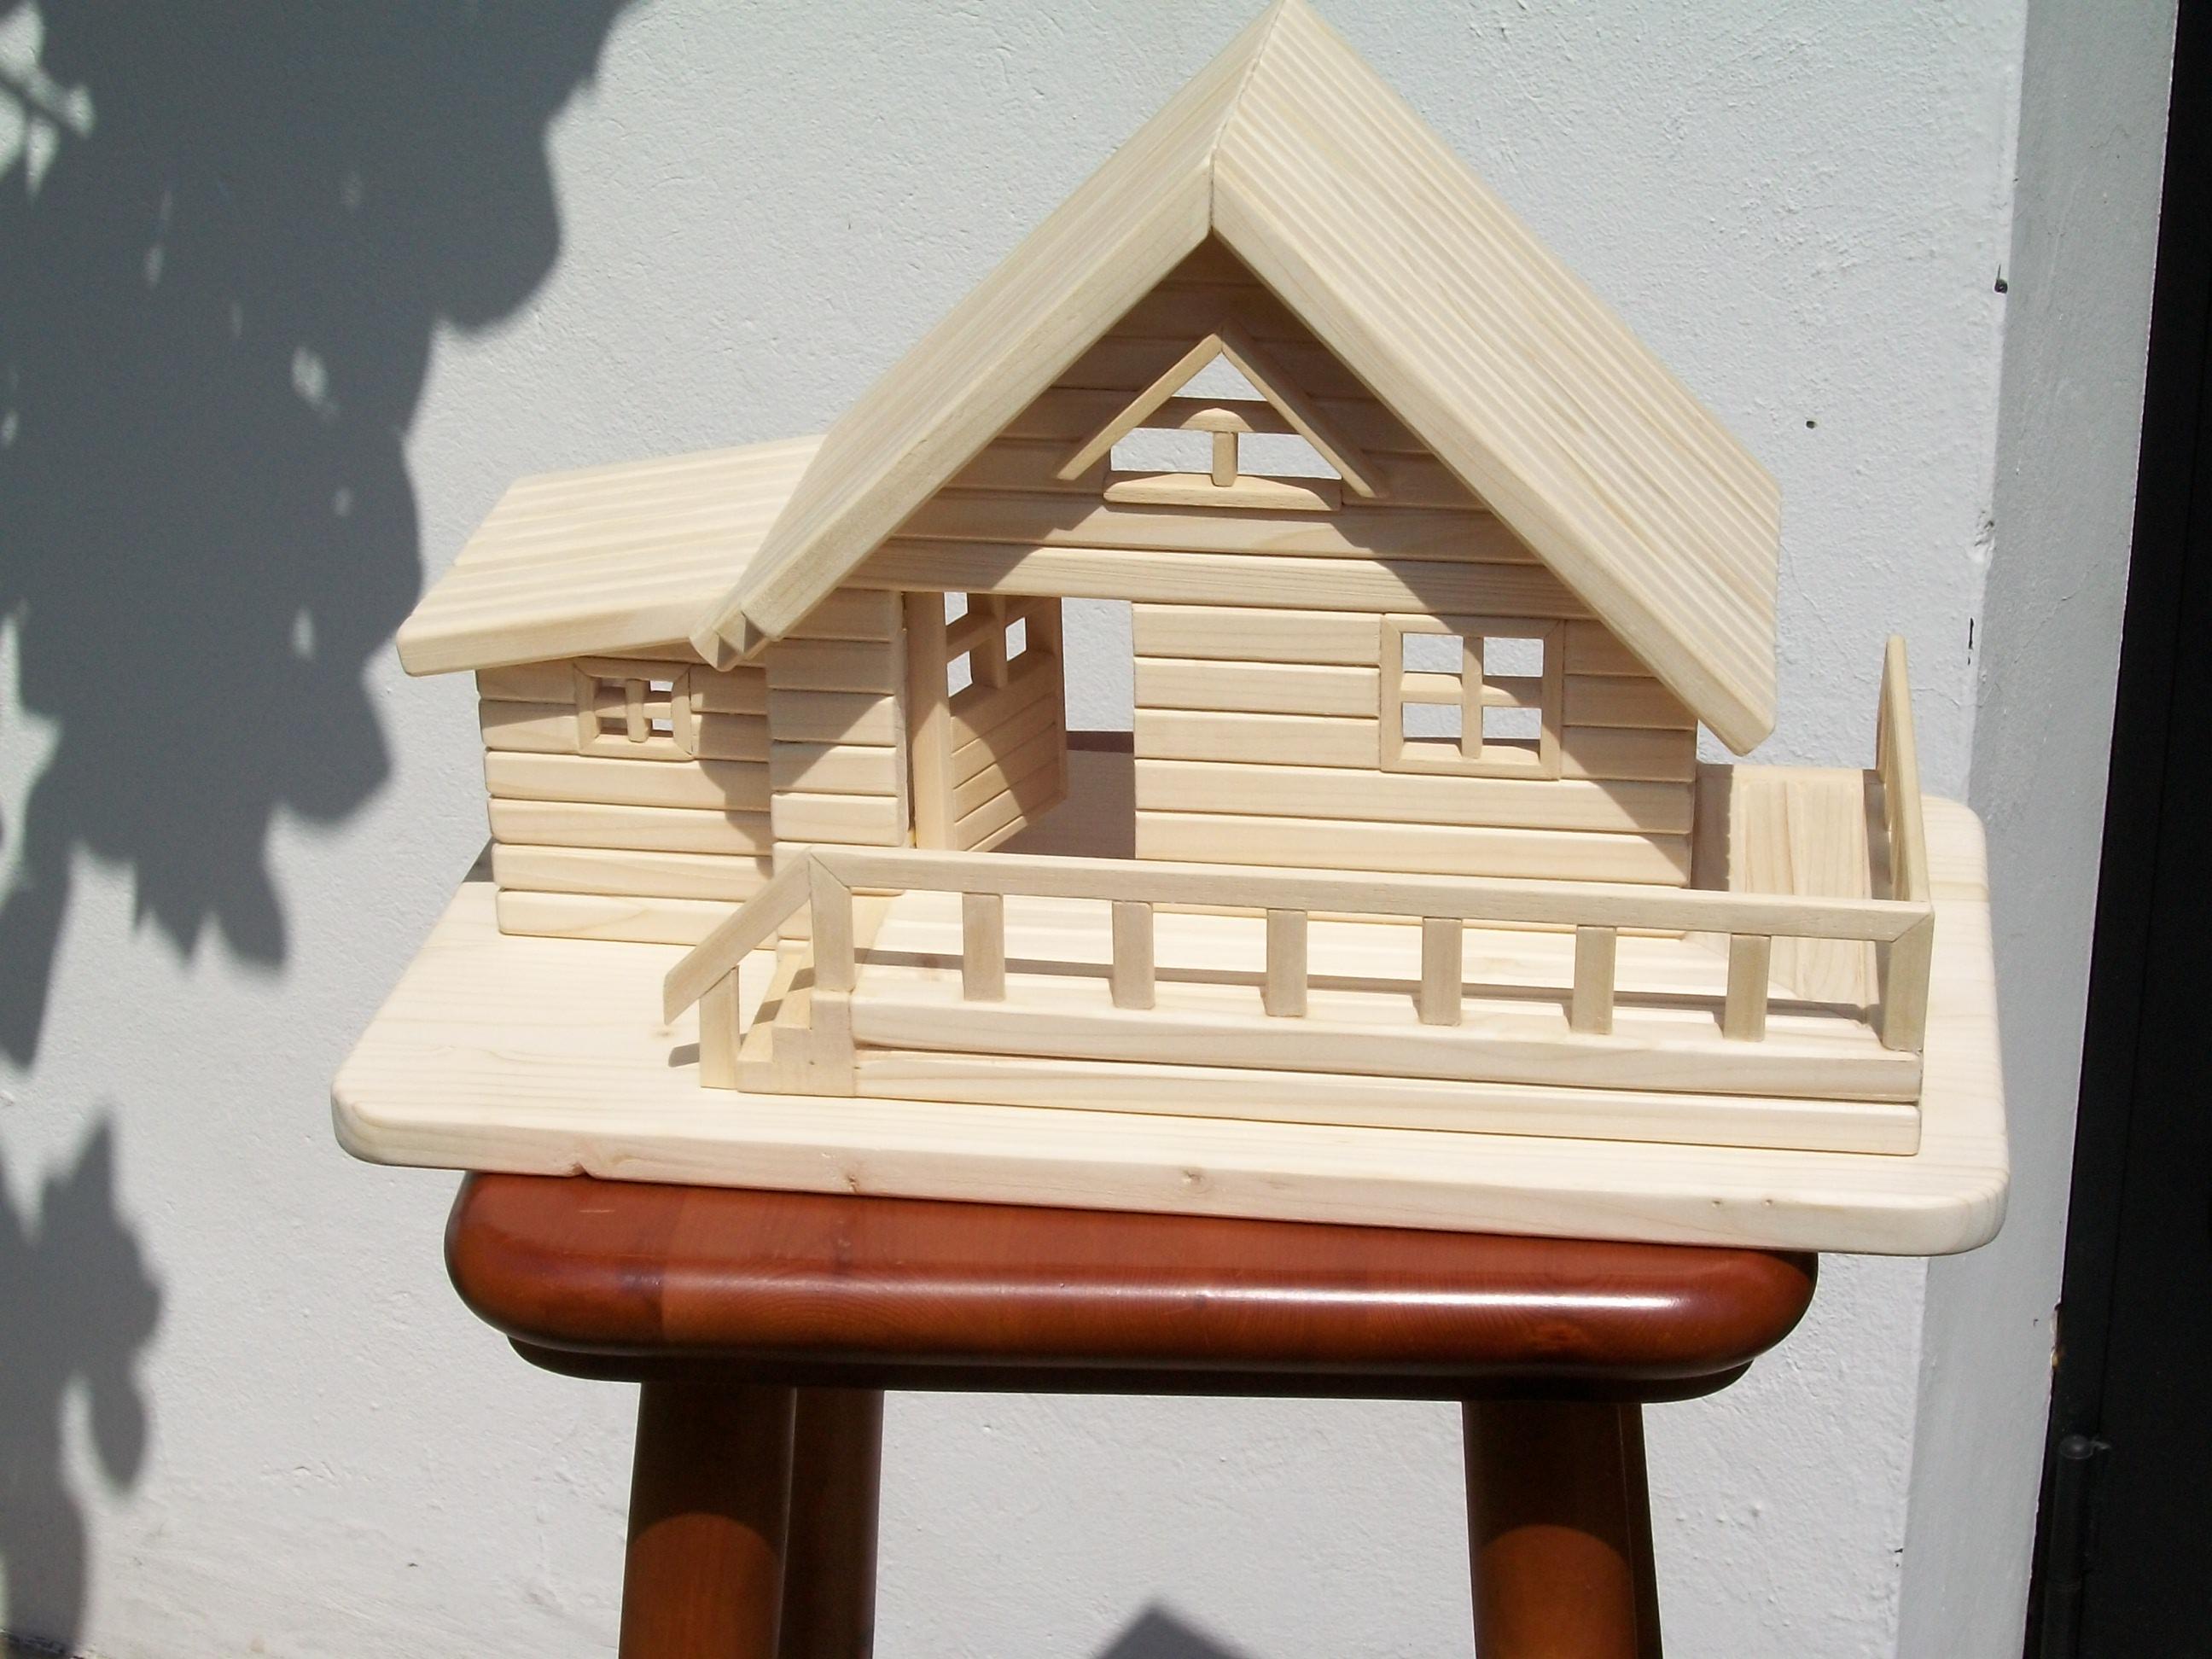 Oggetti in legno fai da te by silvano capanna con - Bricolage fai da te idee ...